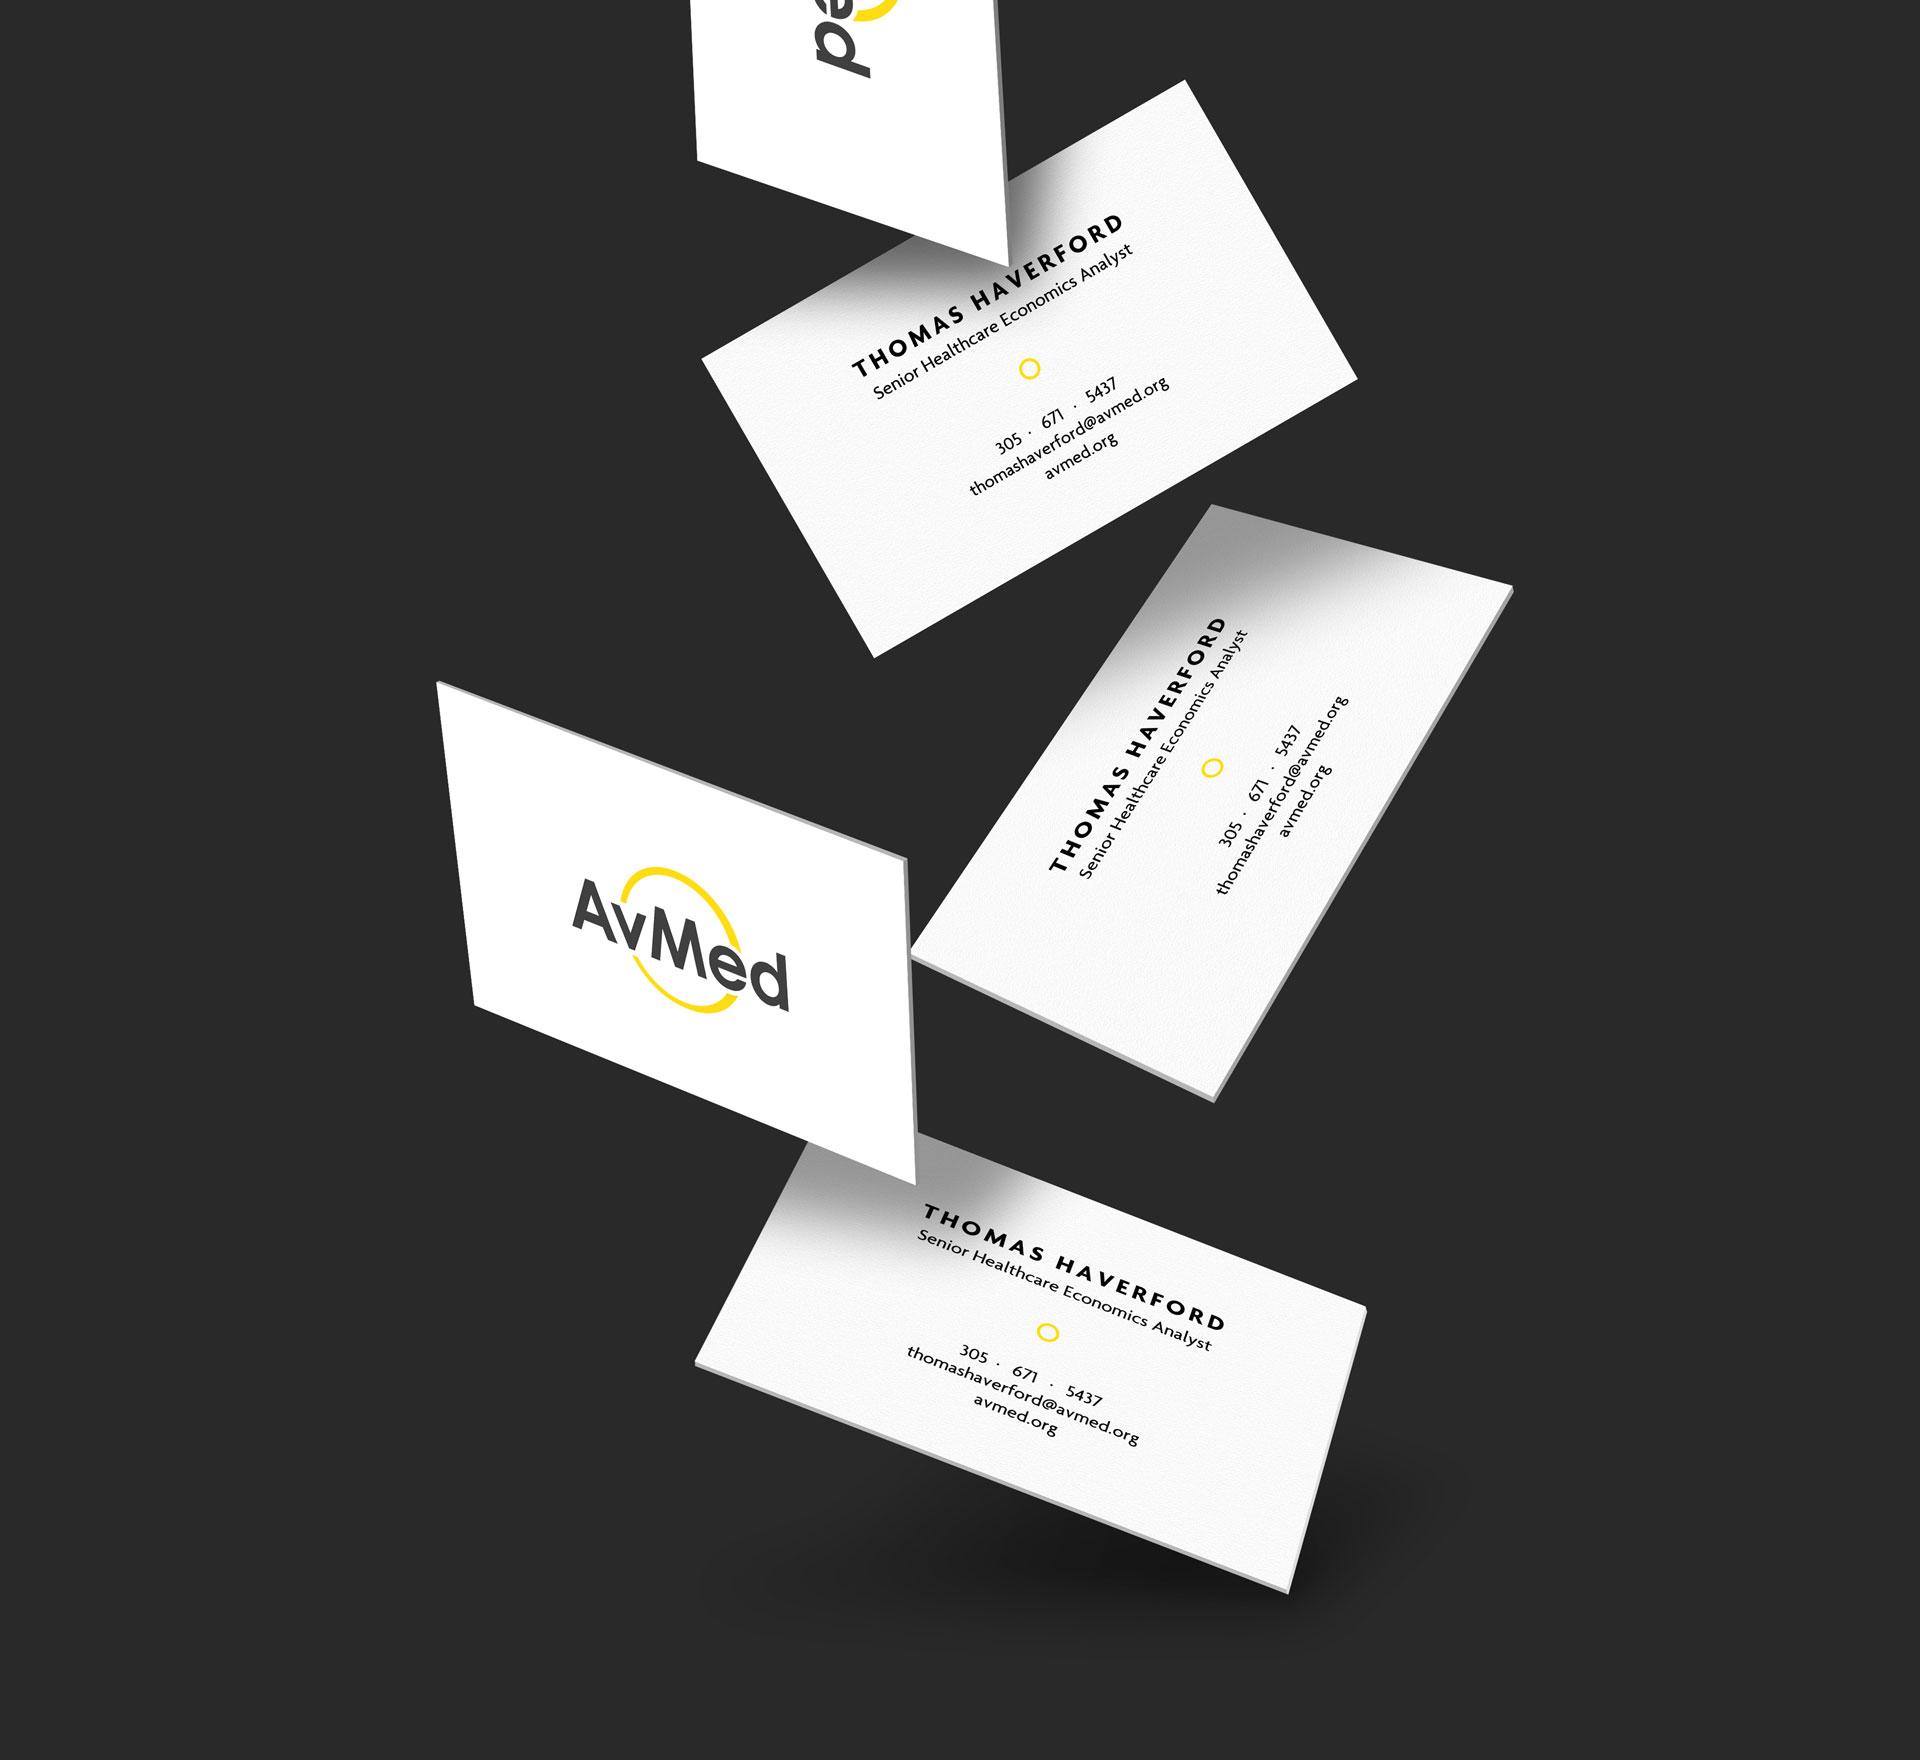 AvMed_Cards_v2.jpg